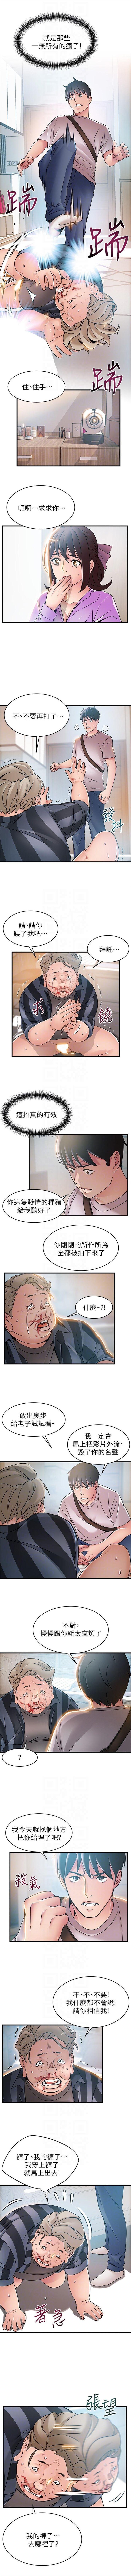 弱點 1-101 官方中文(連載中) 217